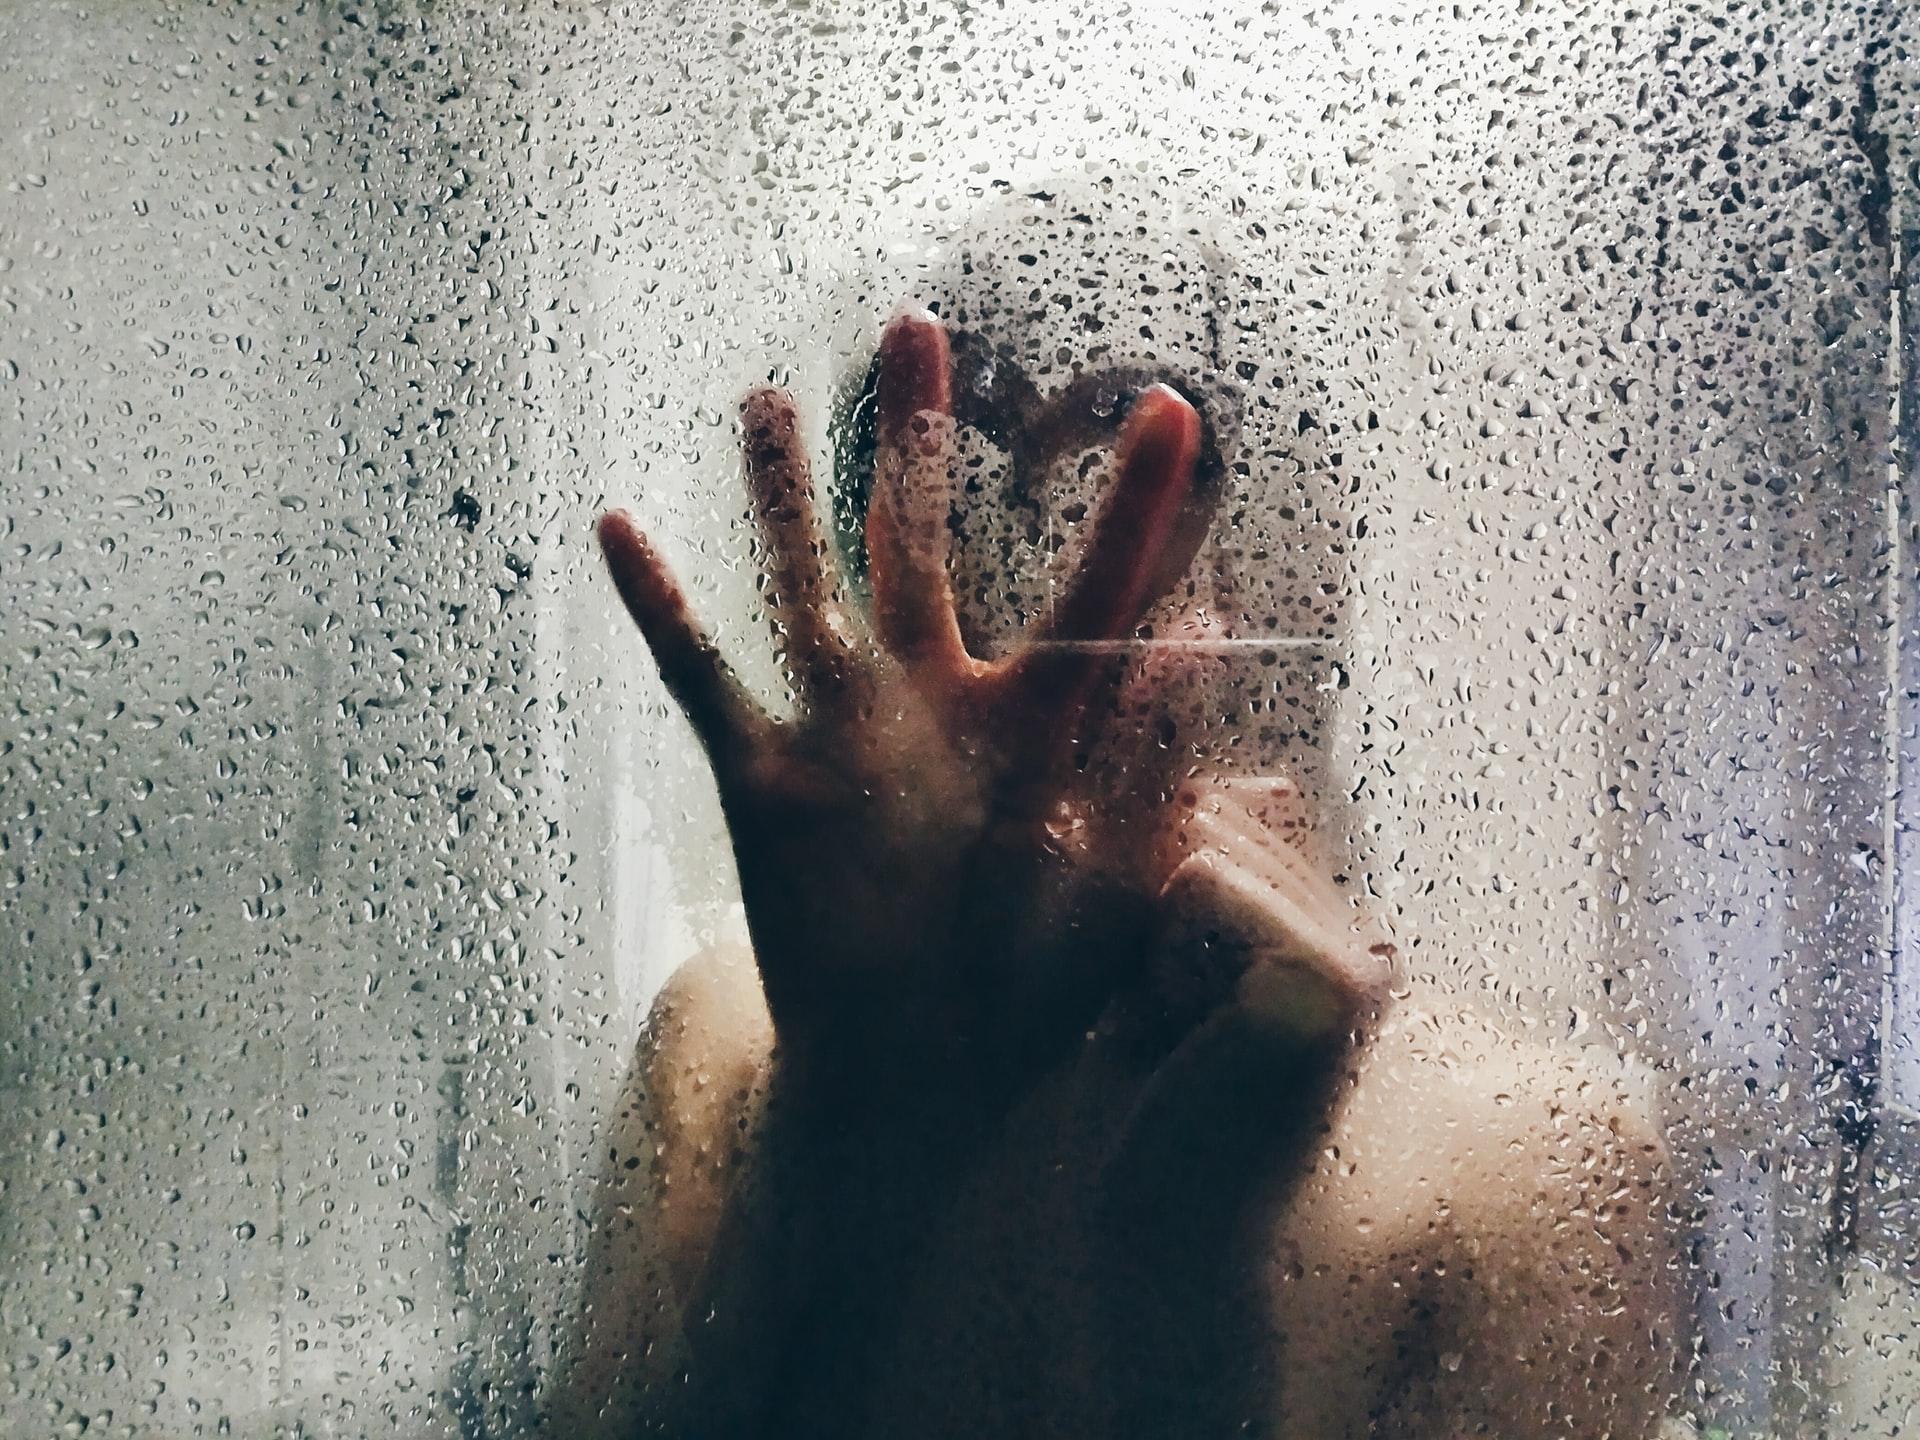 pieszczoty pod prysznicem